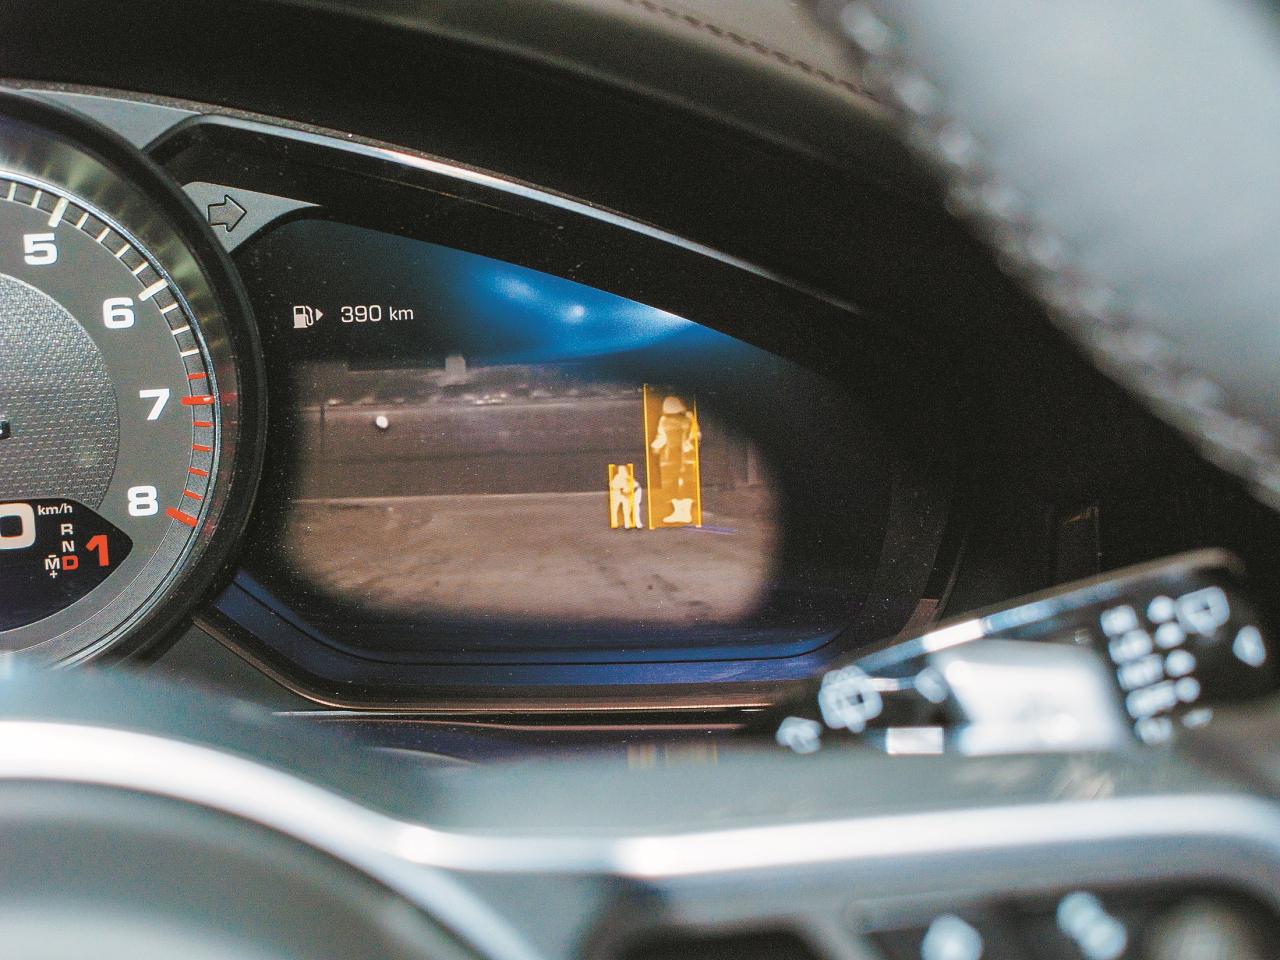 Ar šādu nakts redzamību lepojas jaunais Porsche Cayenne. Inženieri apgalvo, ka šādā situācijā auto pats nobremzēs, ja vadītājs neiejauksies ar neadekvātām kustībām. Nepārbaudījām. Ticam uz vārda